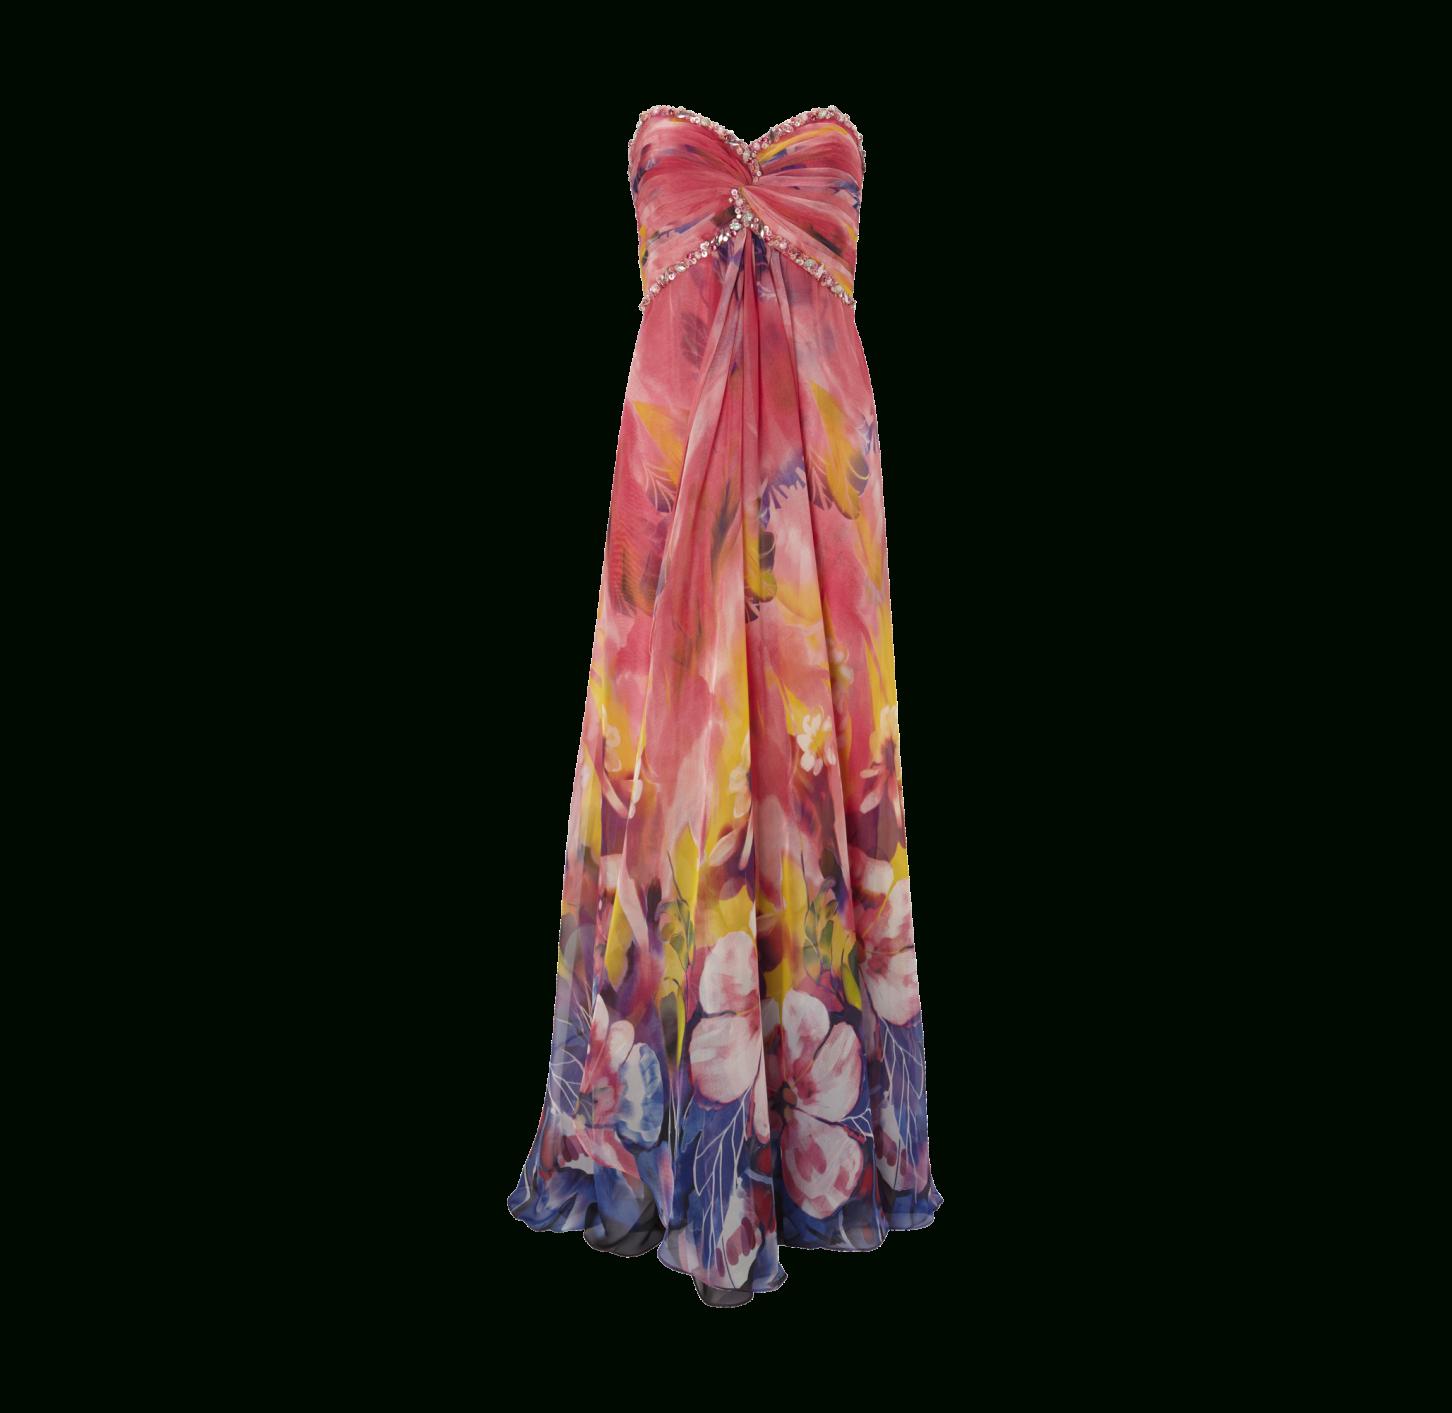 Abend Elegant Abendkleider Bei P&C Bester Preis13 Elegant Abendkleider Bei P&C Boutique